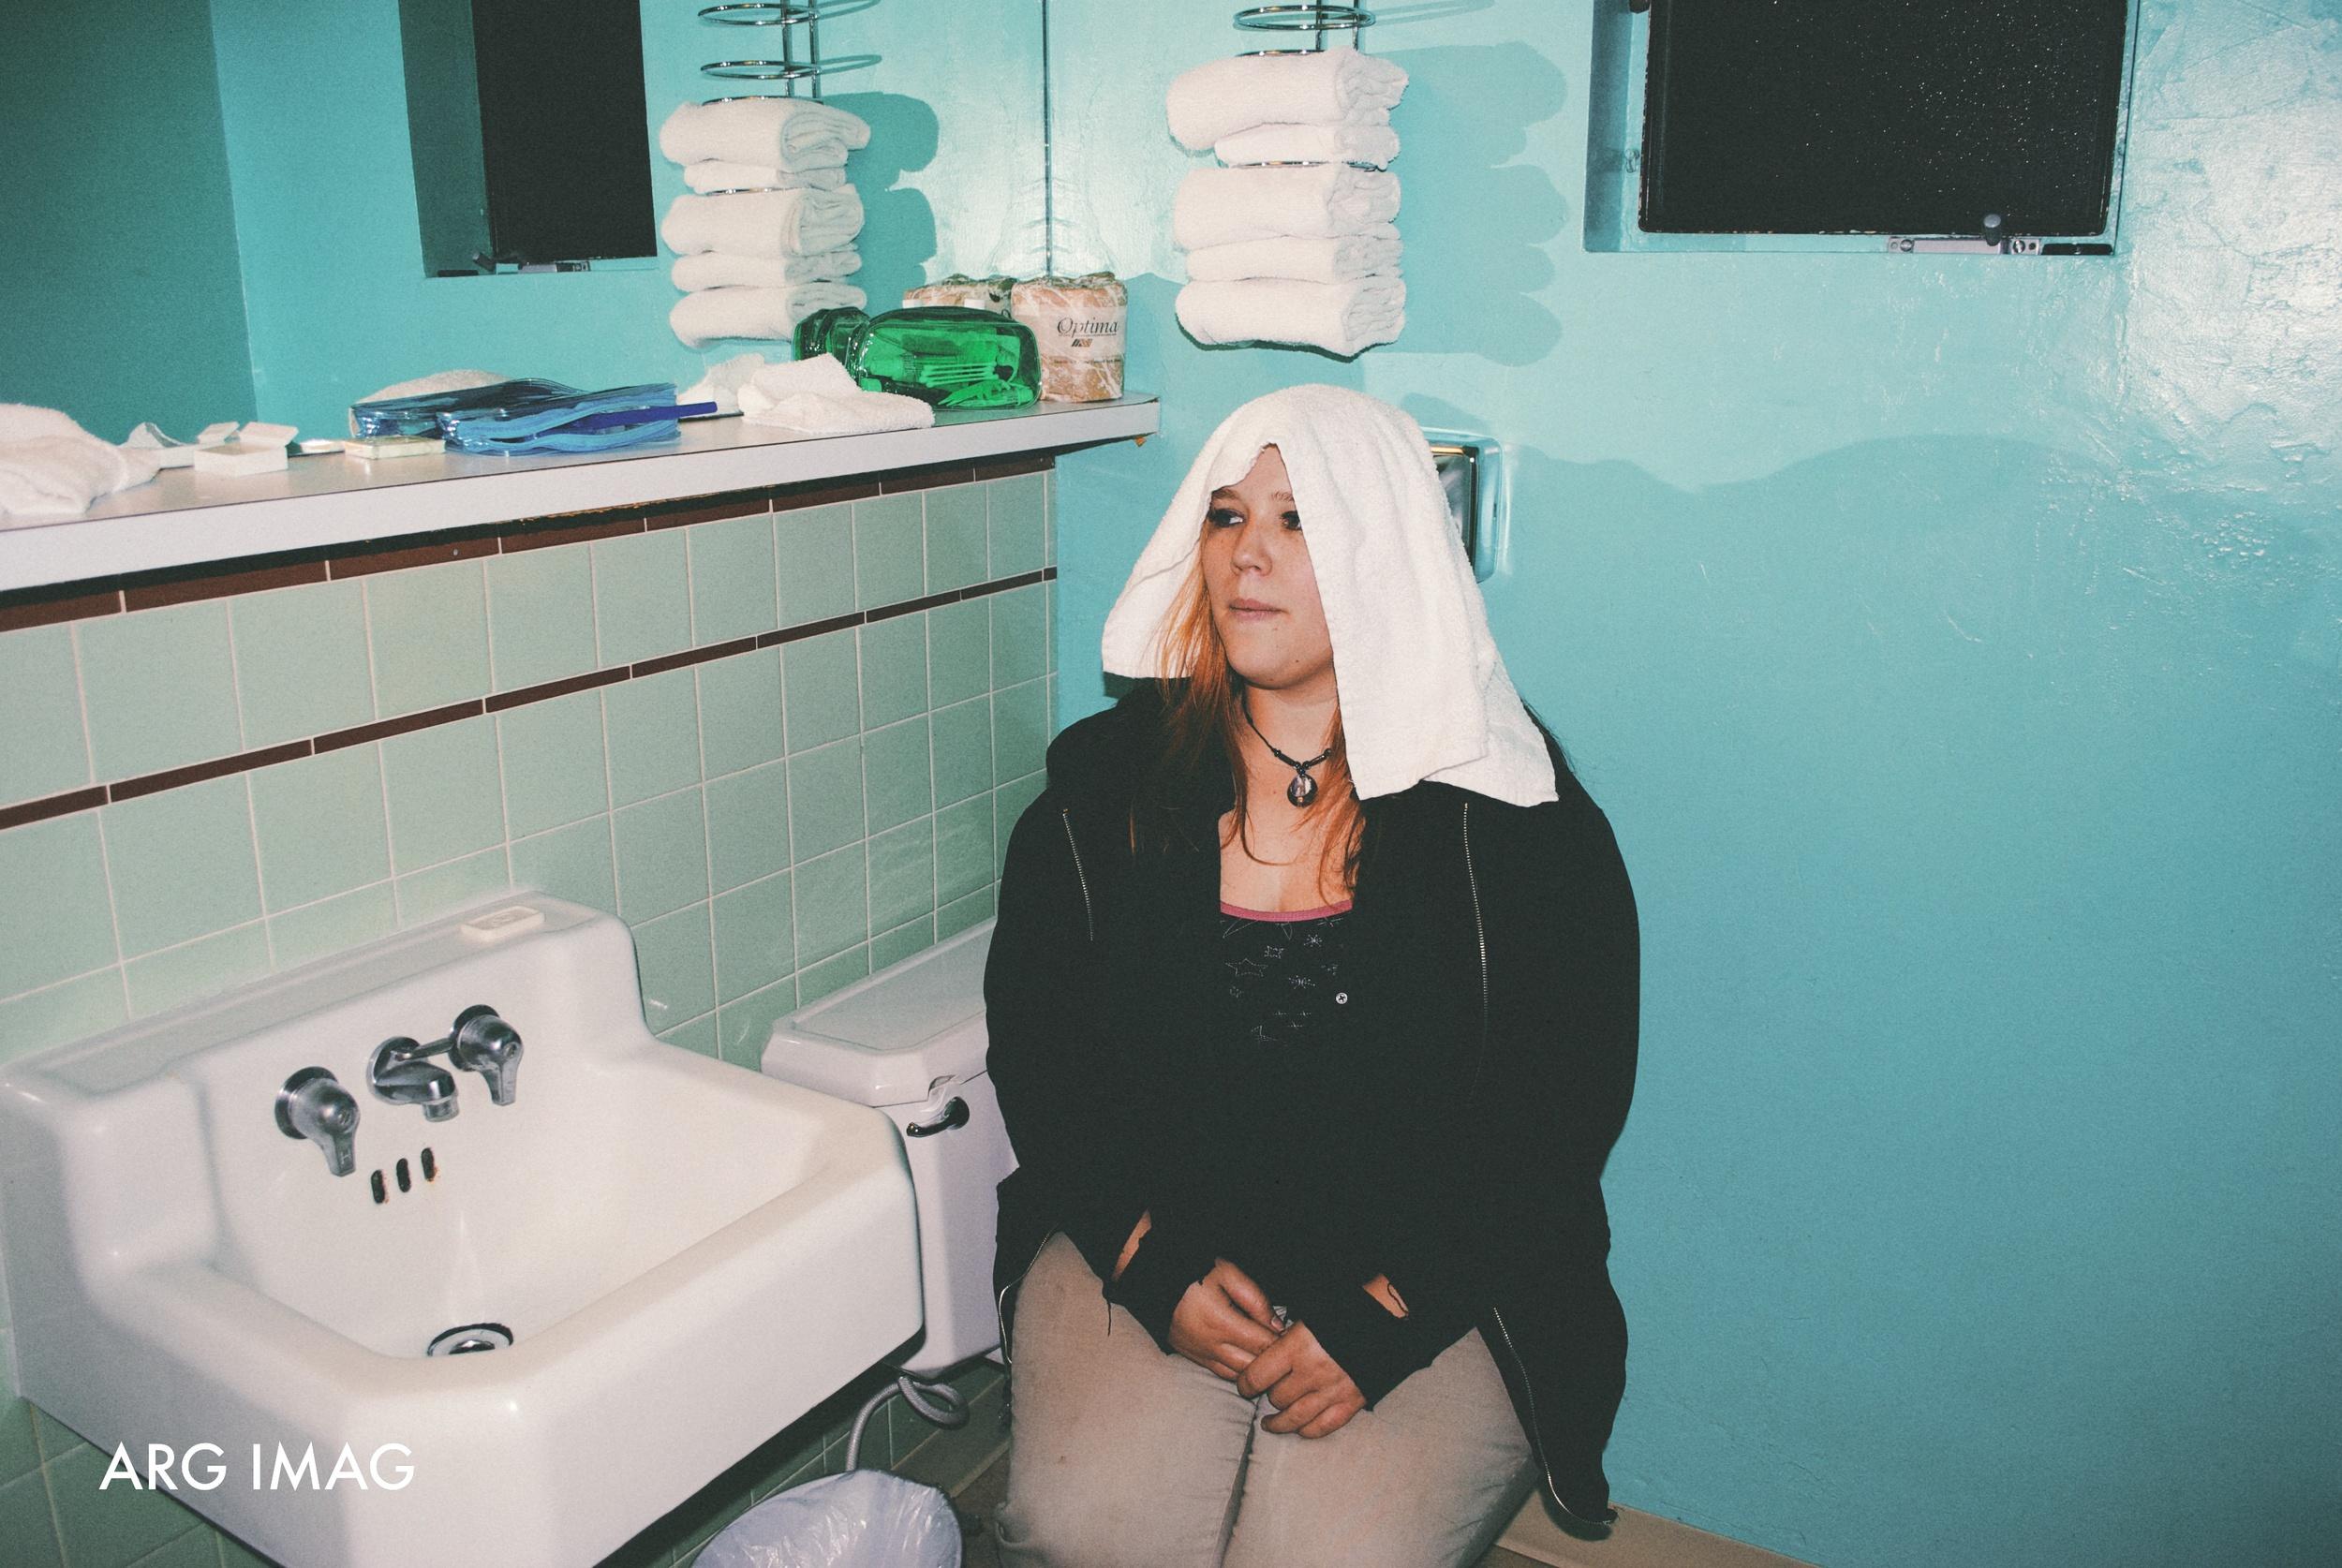 Alycia Towel-ARG_IMAG.jpg